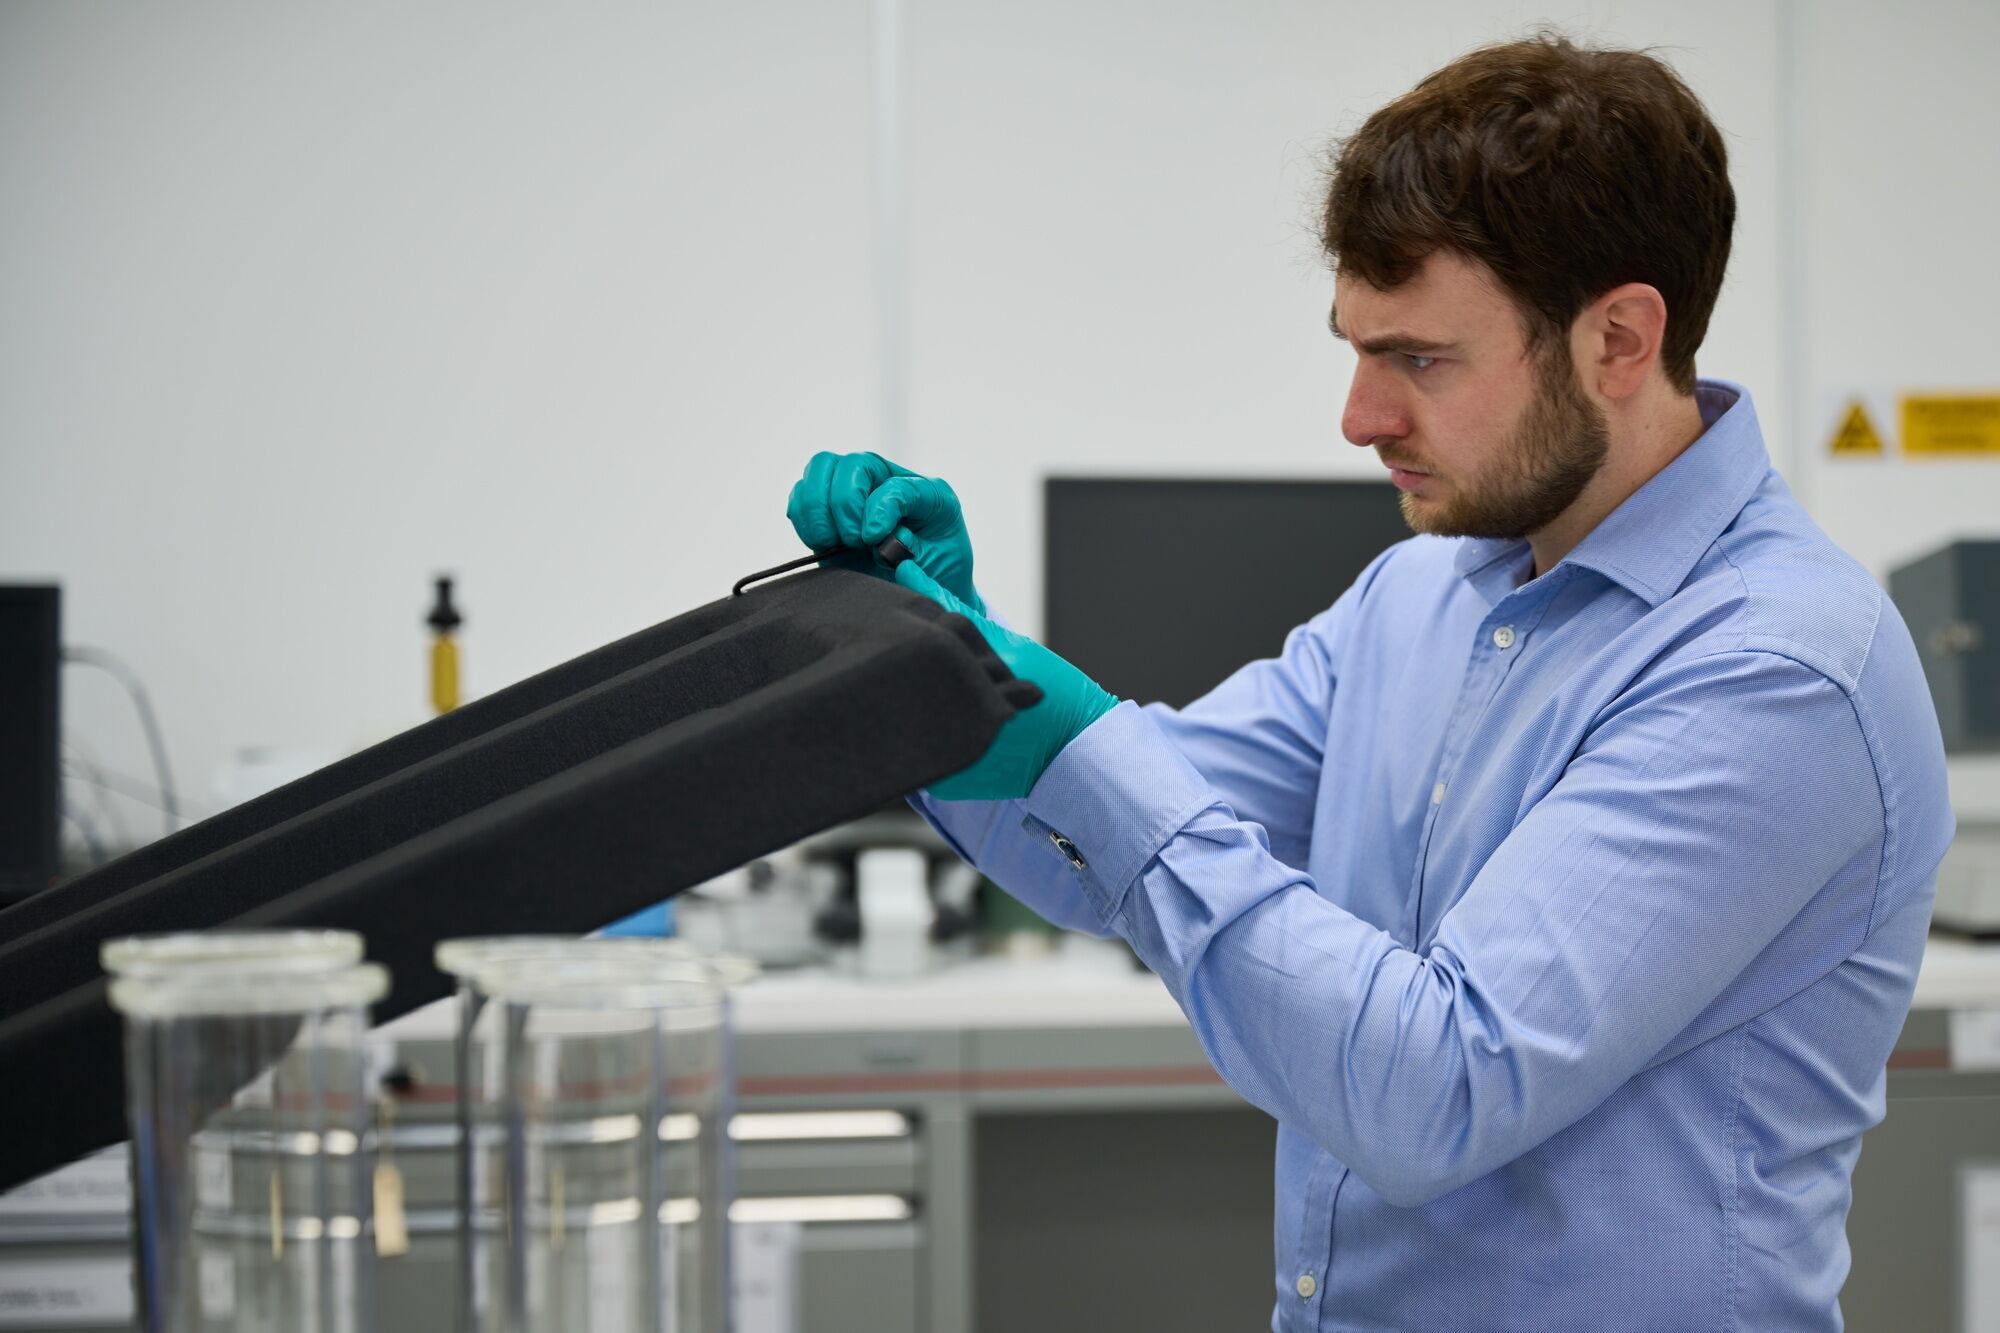 Одним из критериев, соблюдение которого должно обеспечиваться в ходе процесса проектирования, разработки и испытания нового Nissan Qashqai является запах